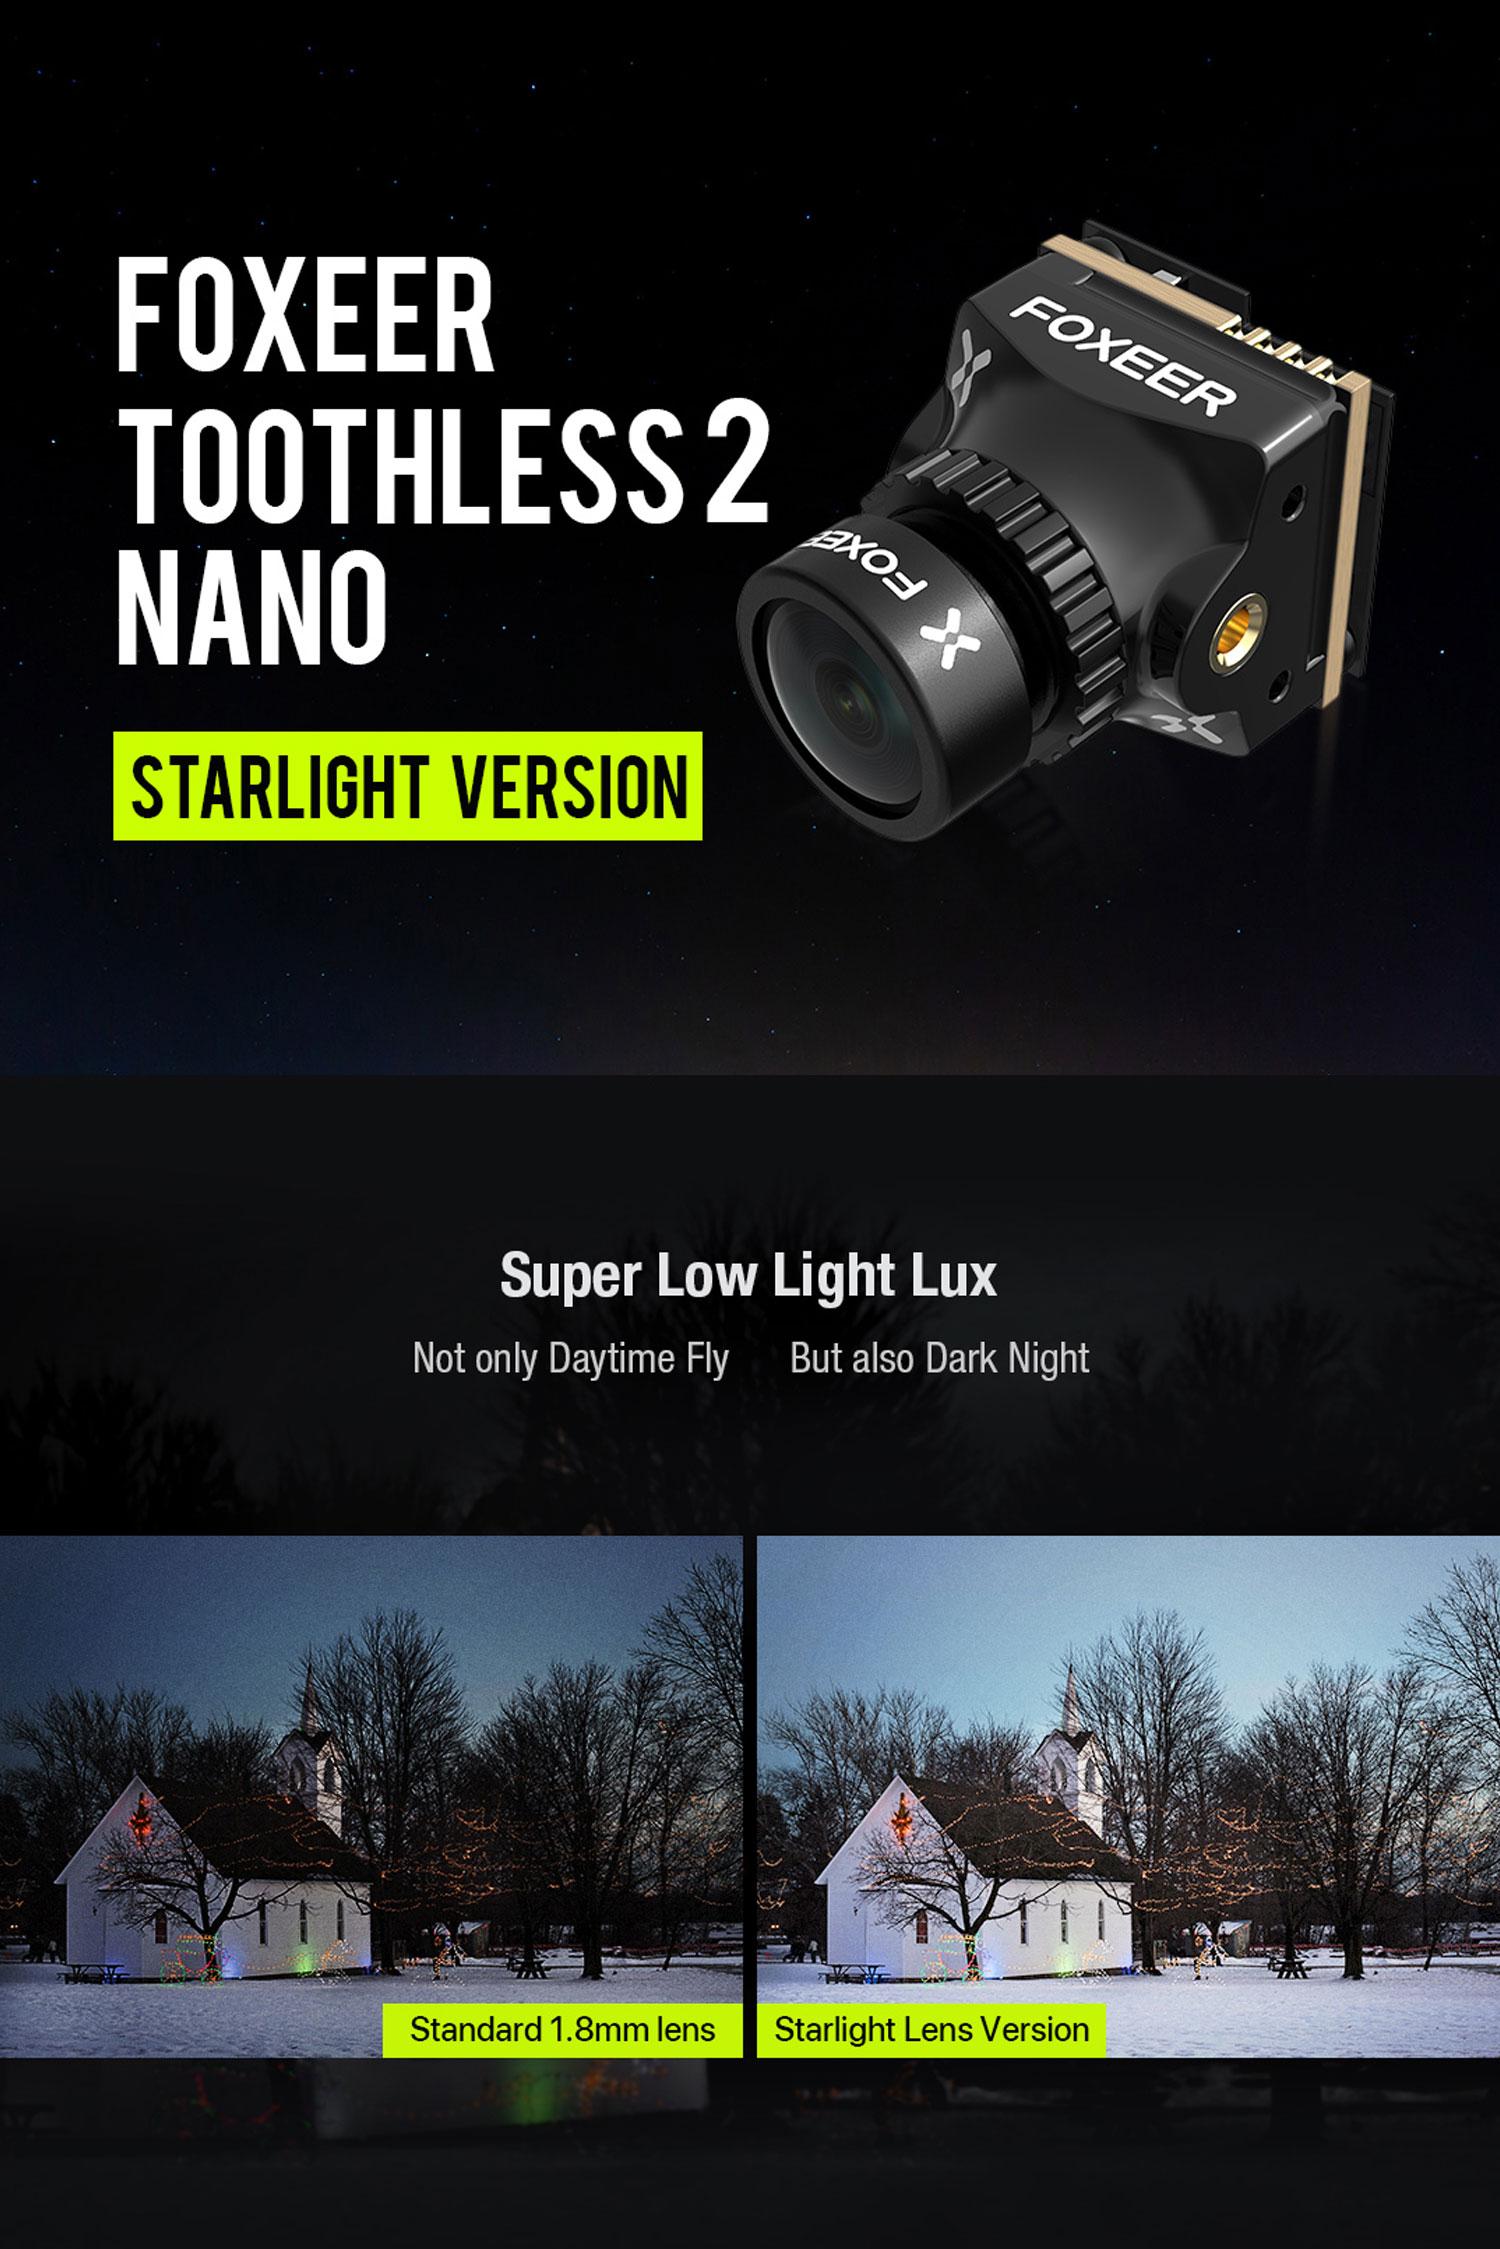 foxeer-toohless2-nano-fpv-camera_5.jpg